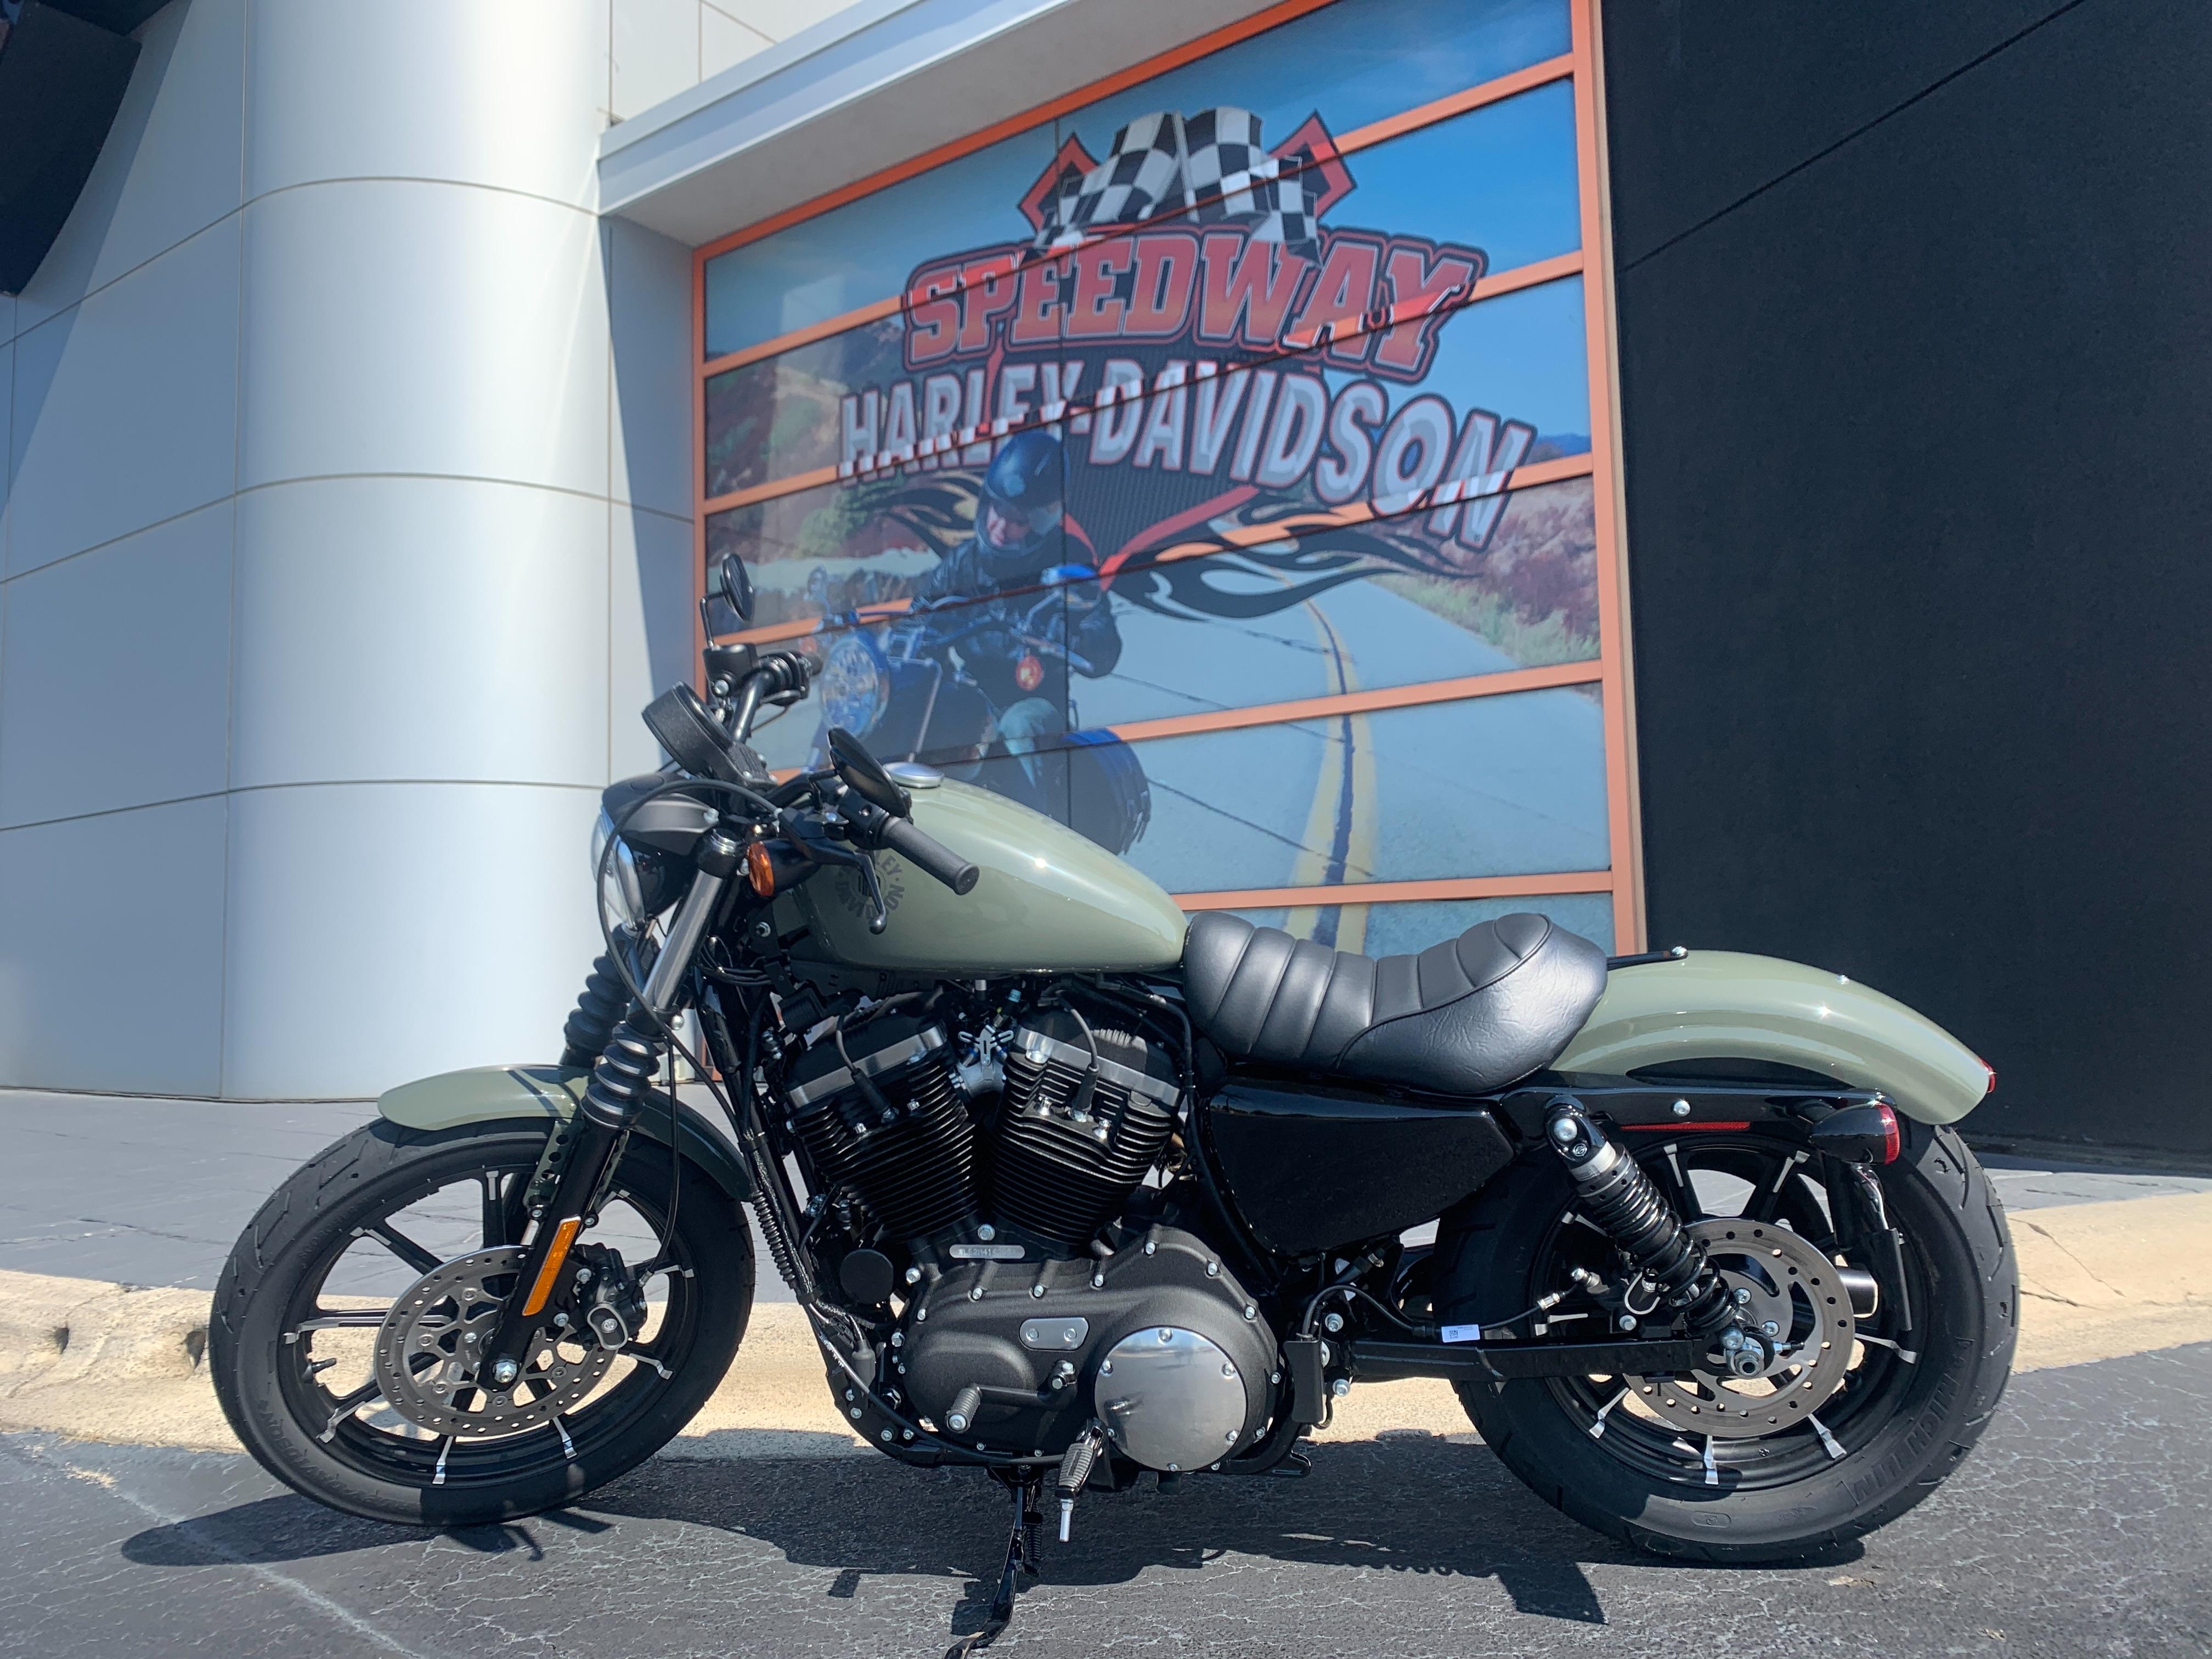 2021 Harley-Davidson Cruiser XL 883N Iron 883 at Speedway Harley-Davidson